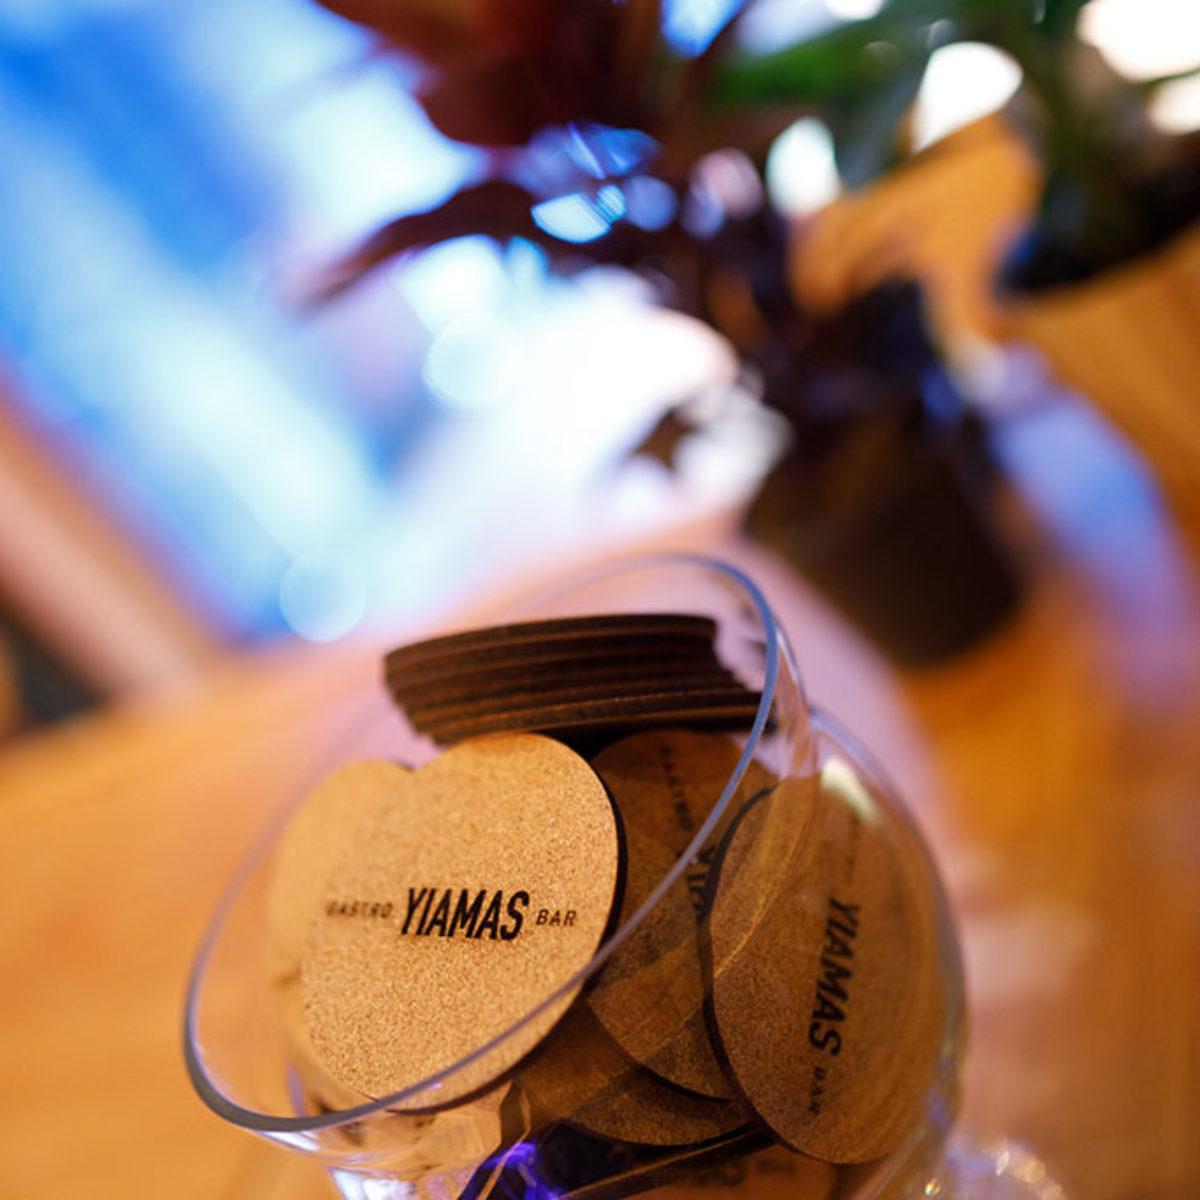 Yiamas Gastro Bar - Εστιατόριο Καλαμάτα - Χώρος